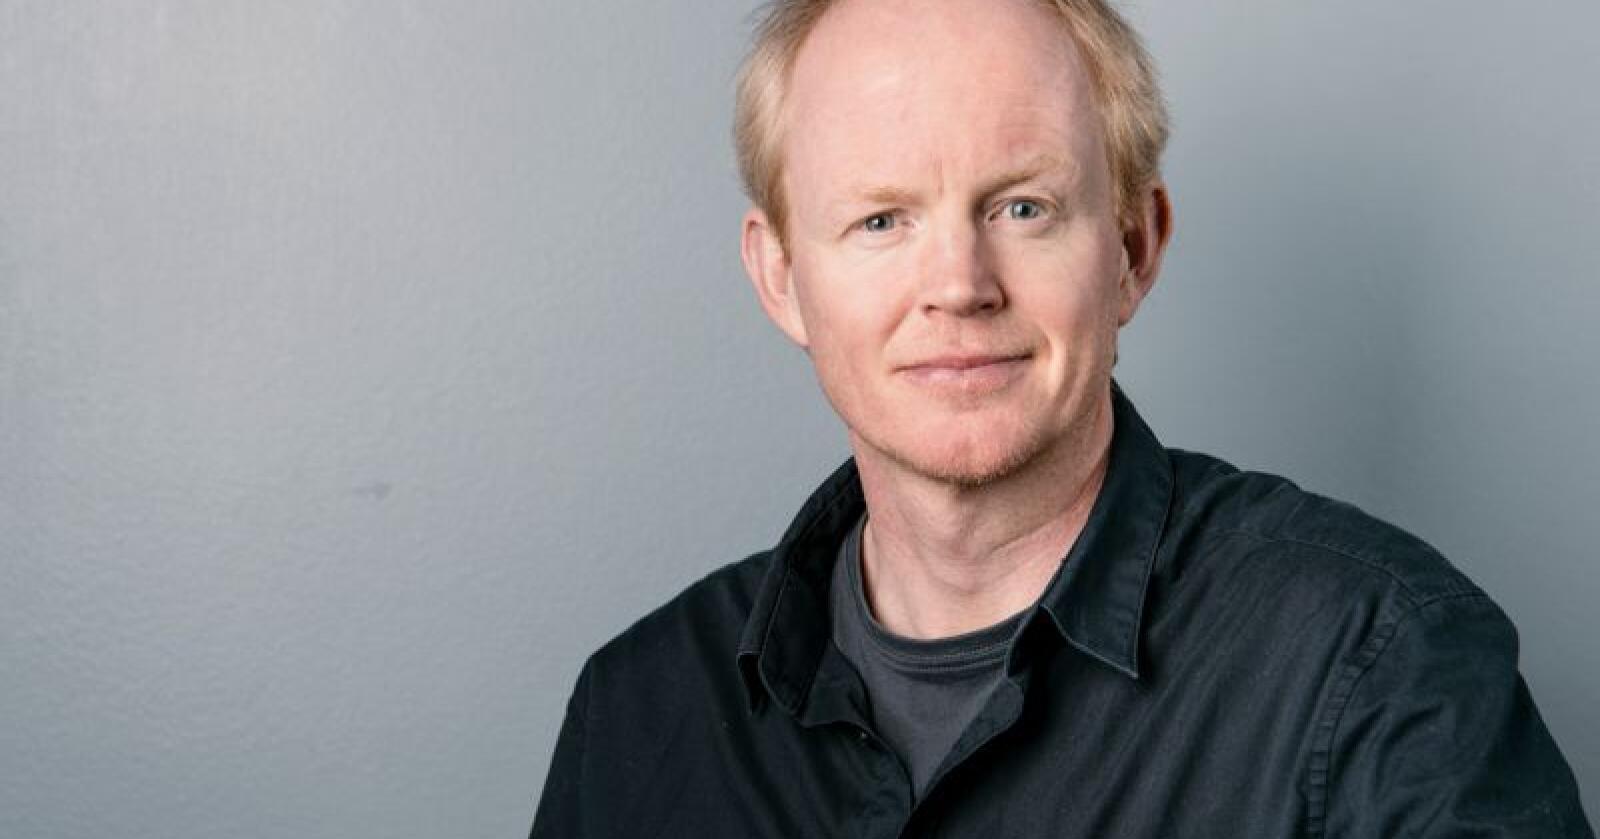 Lars Haltbrekken er stortingsrepresentant for SV, og tidligere leder i Naturvernforbundet.(Foto: Marius Nyheim Kristoffersen)